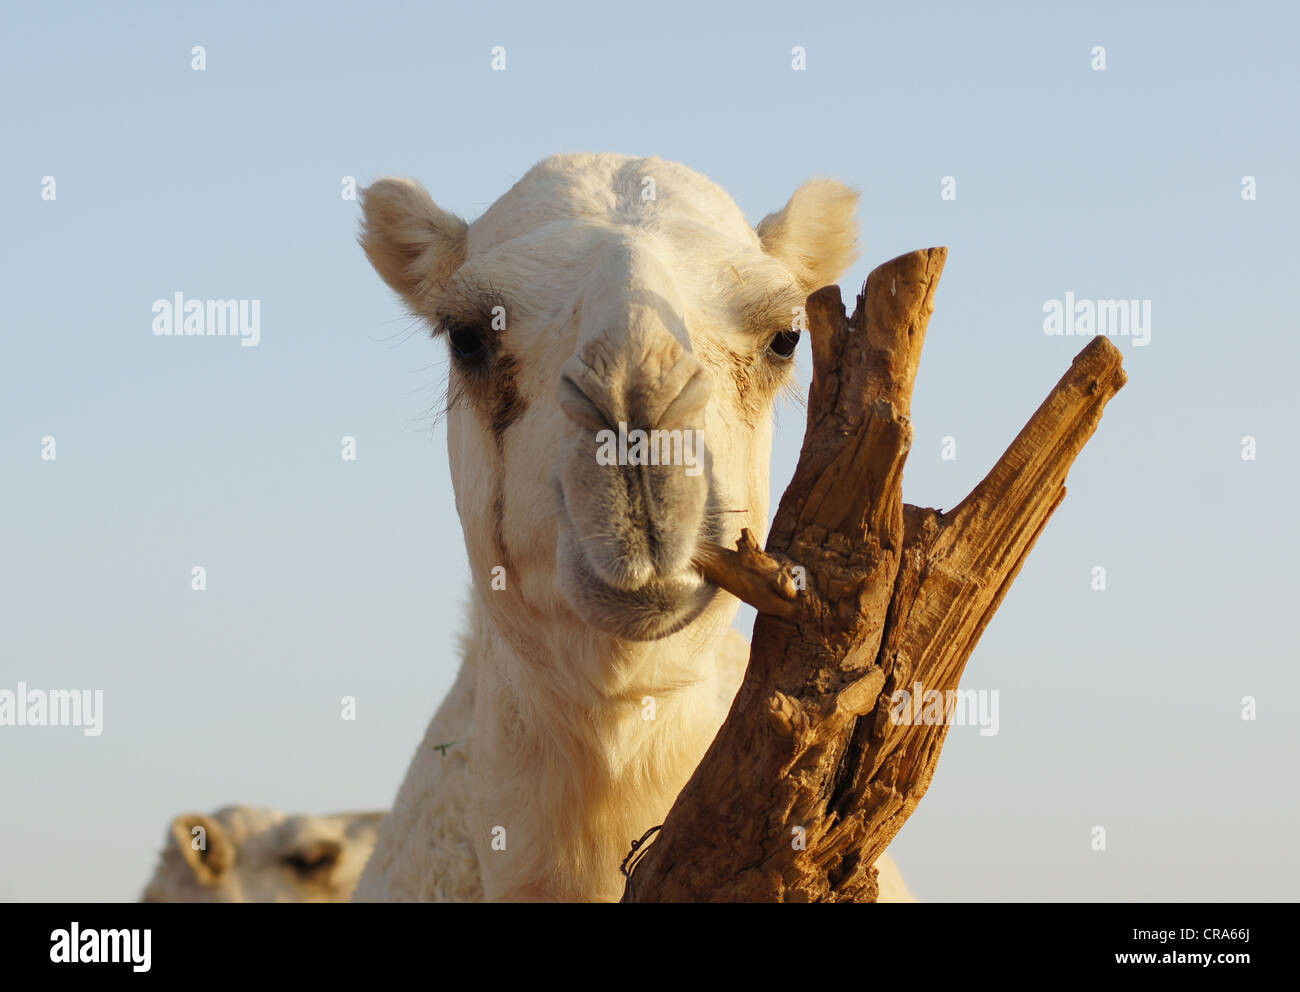 Camel masticare ceppo di albero. Red le sabbie del deserto, Riyadh, Regno di Arabia Saudita Immagini Stock